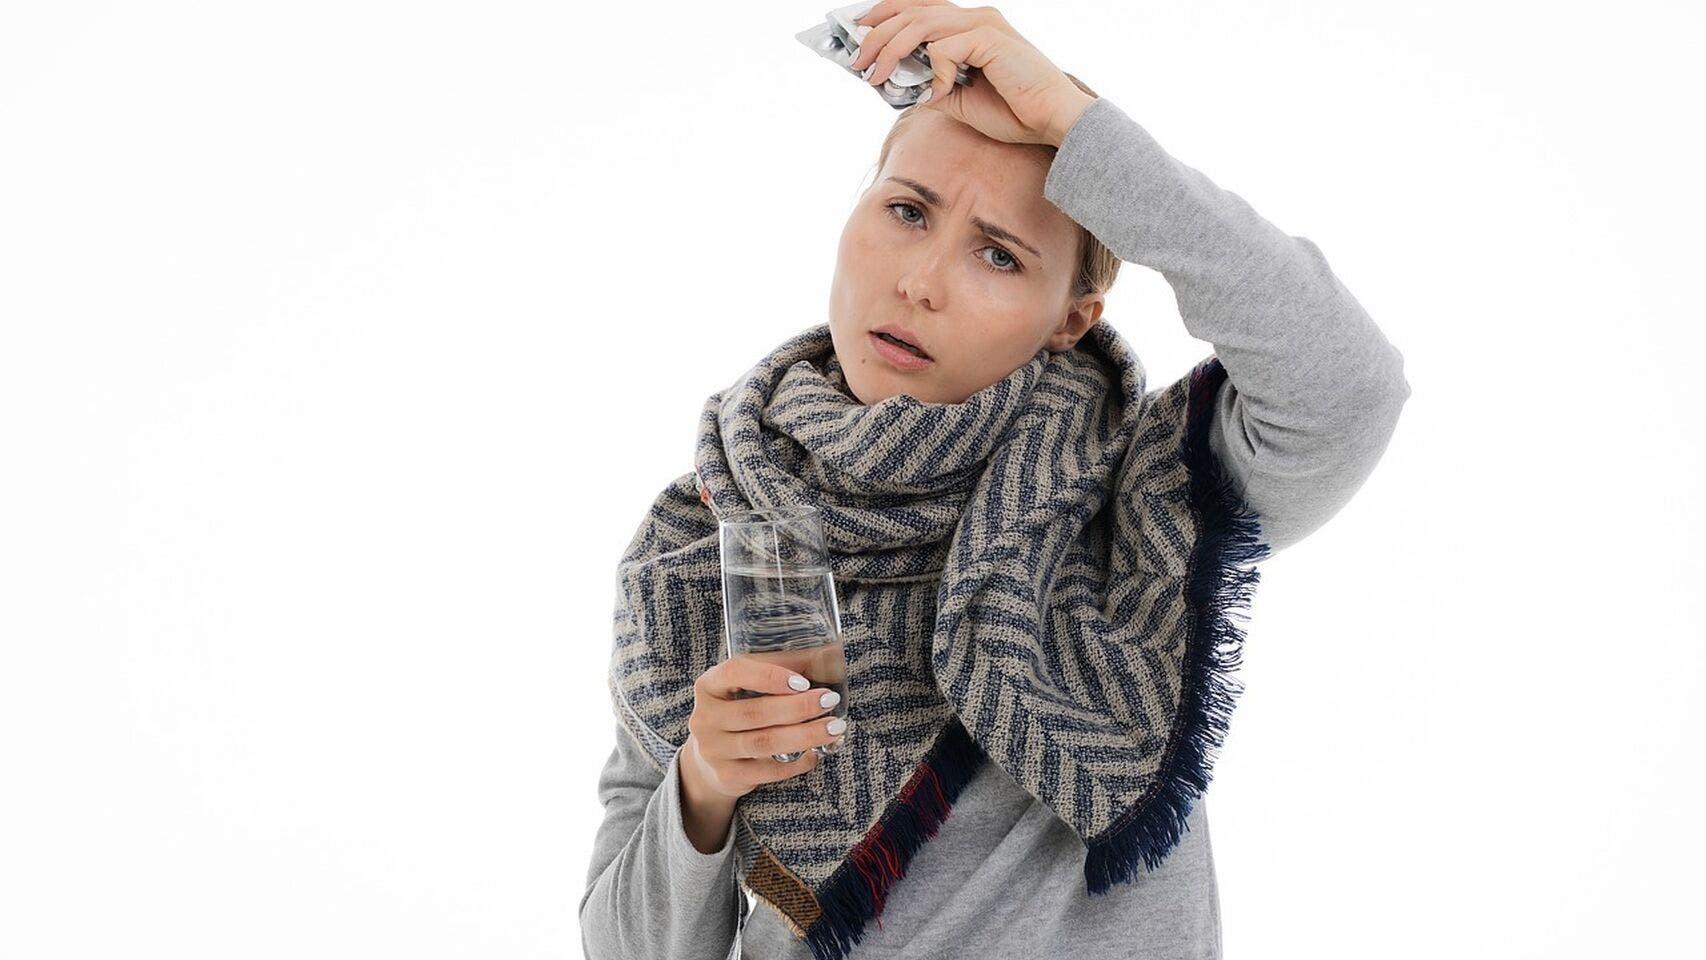 tratamientos para los dolores de cabeza